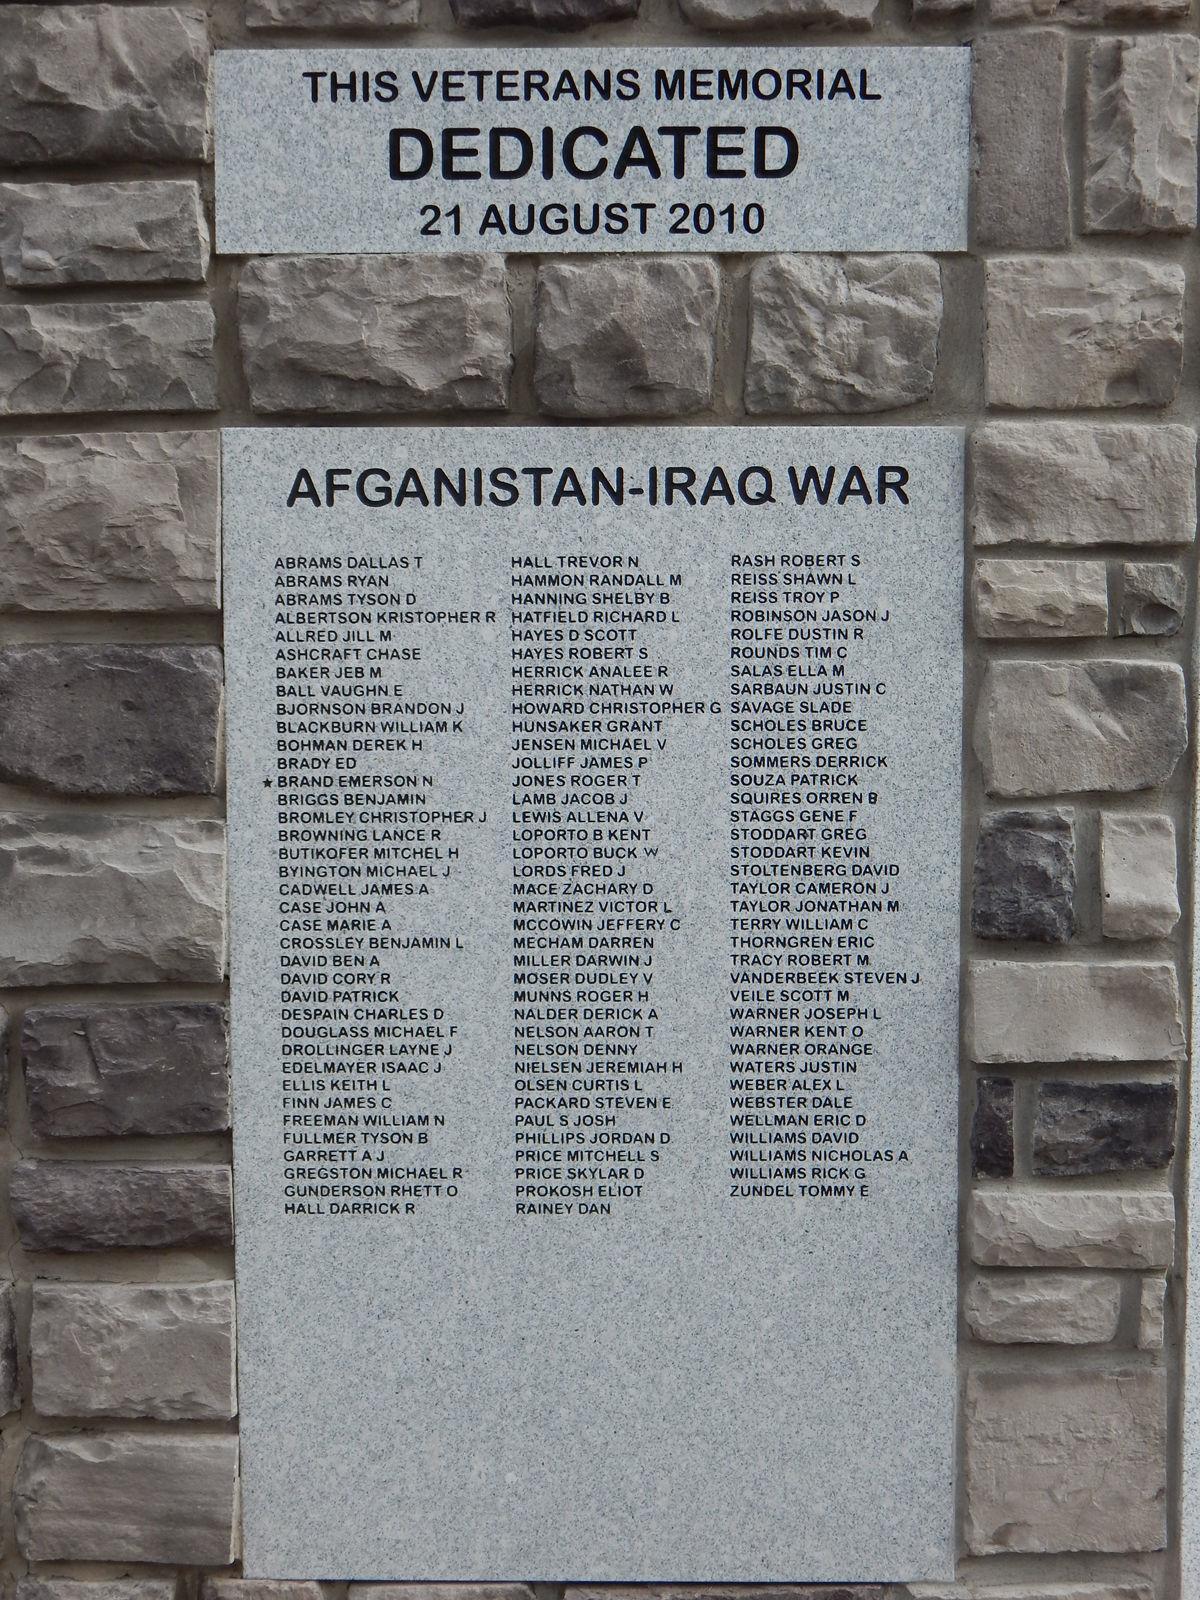 Dan Boomgaarden (Afghan-Iraq)